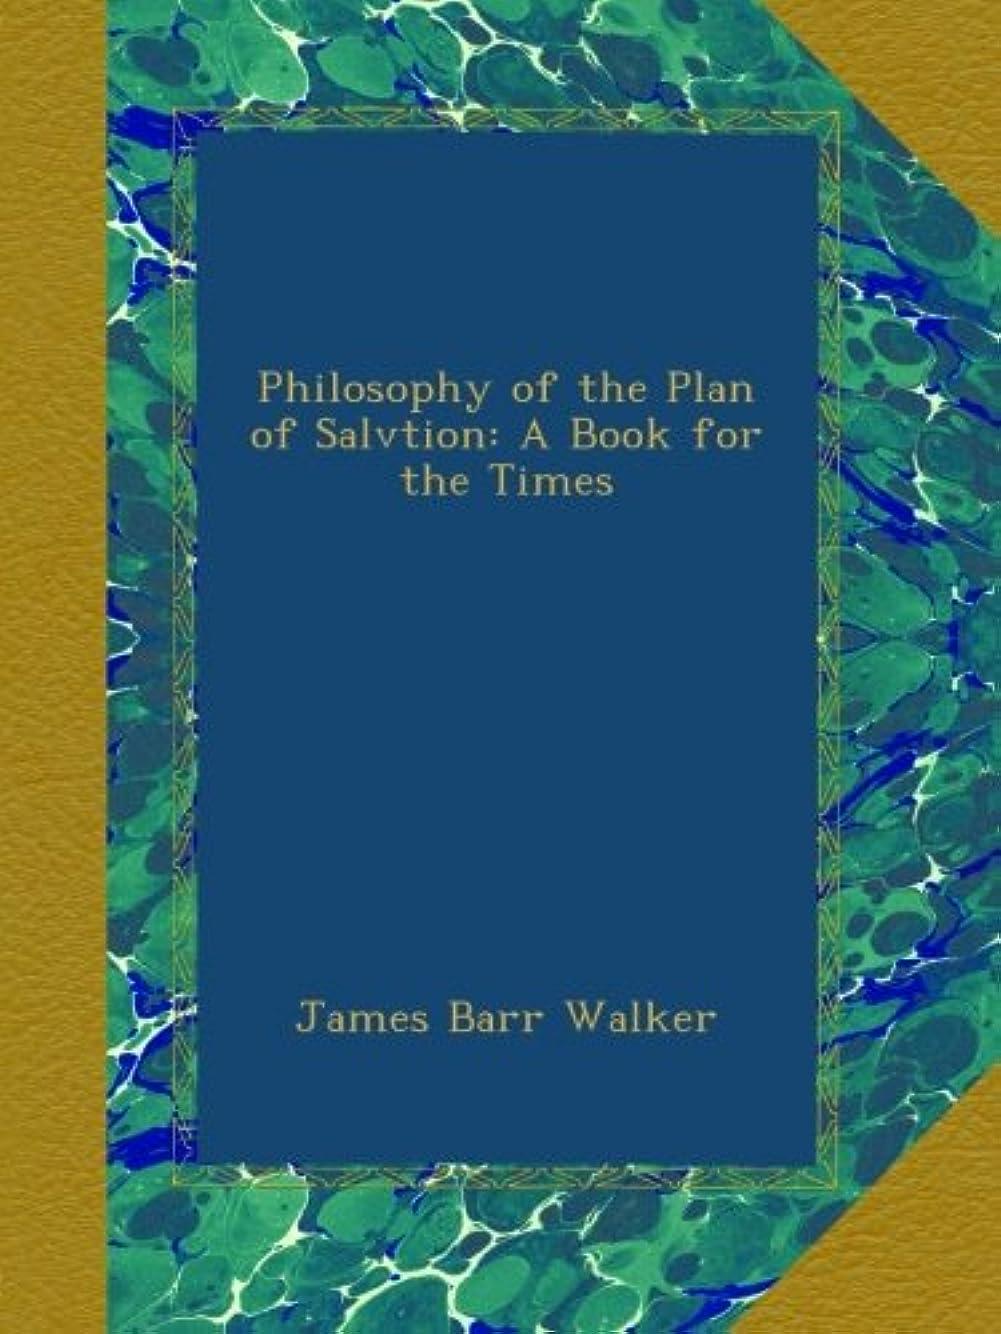 受粉者ハウジング解くPhilosophy of the Plan of Salvtion: A Book for the Times